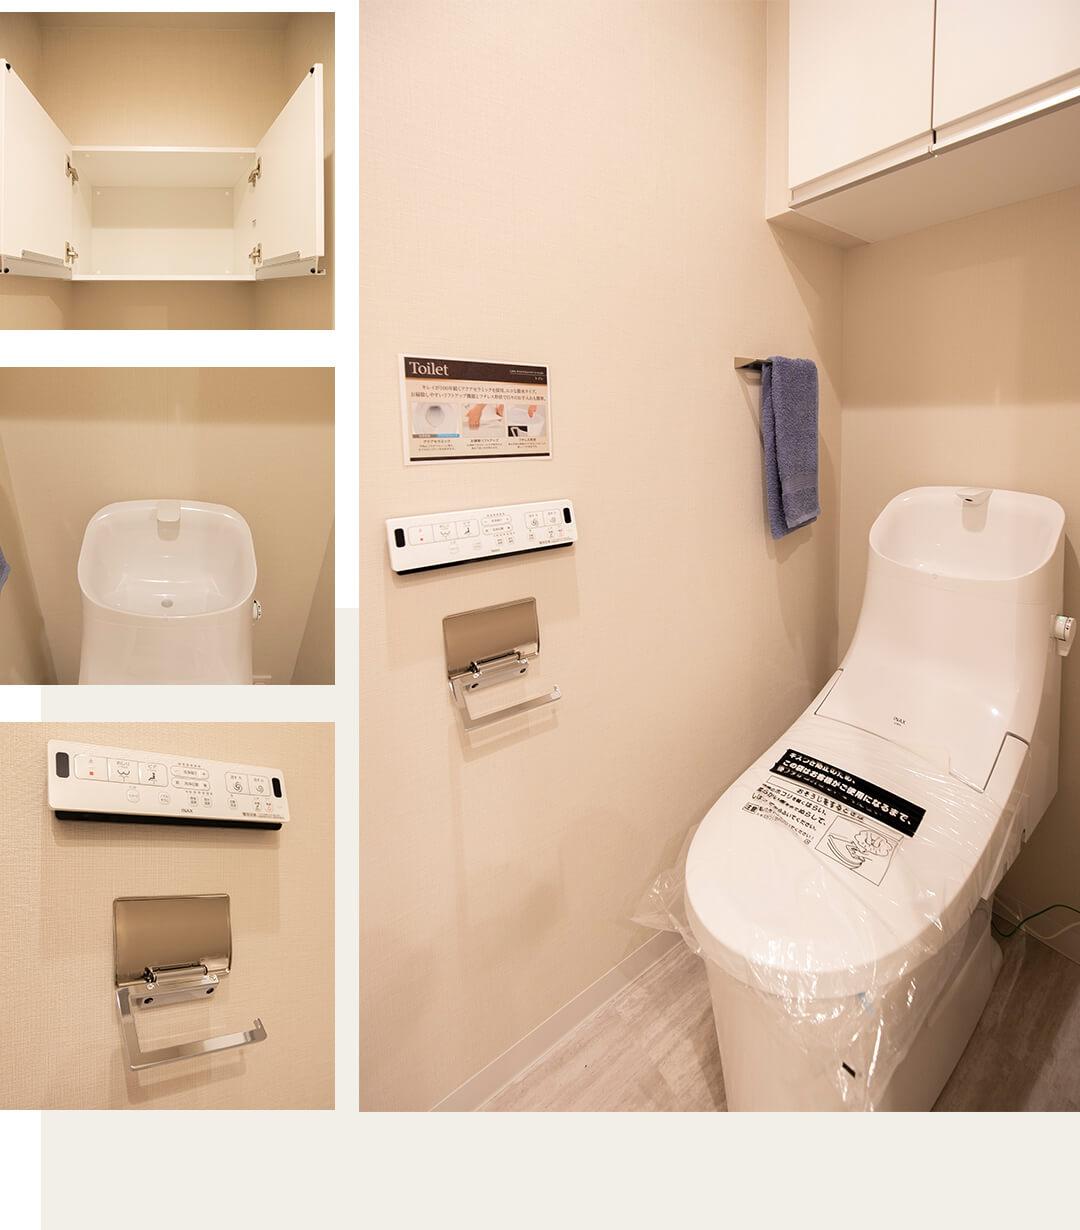 四谷軒第5経堂シティコーポのトイレ